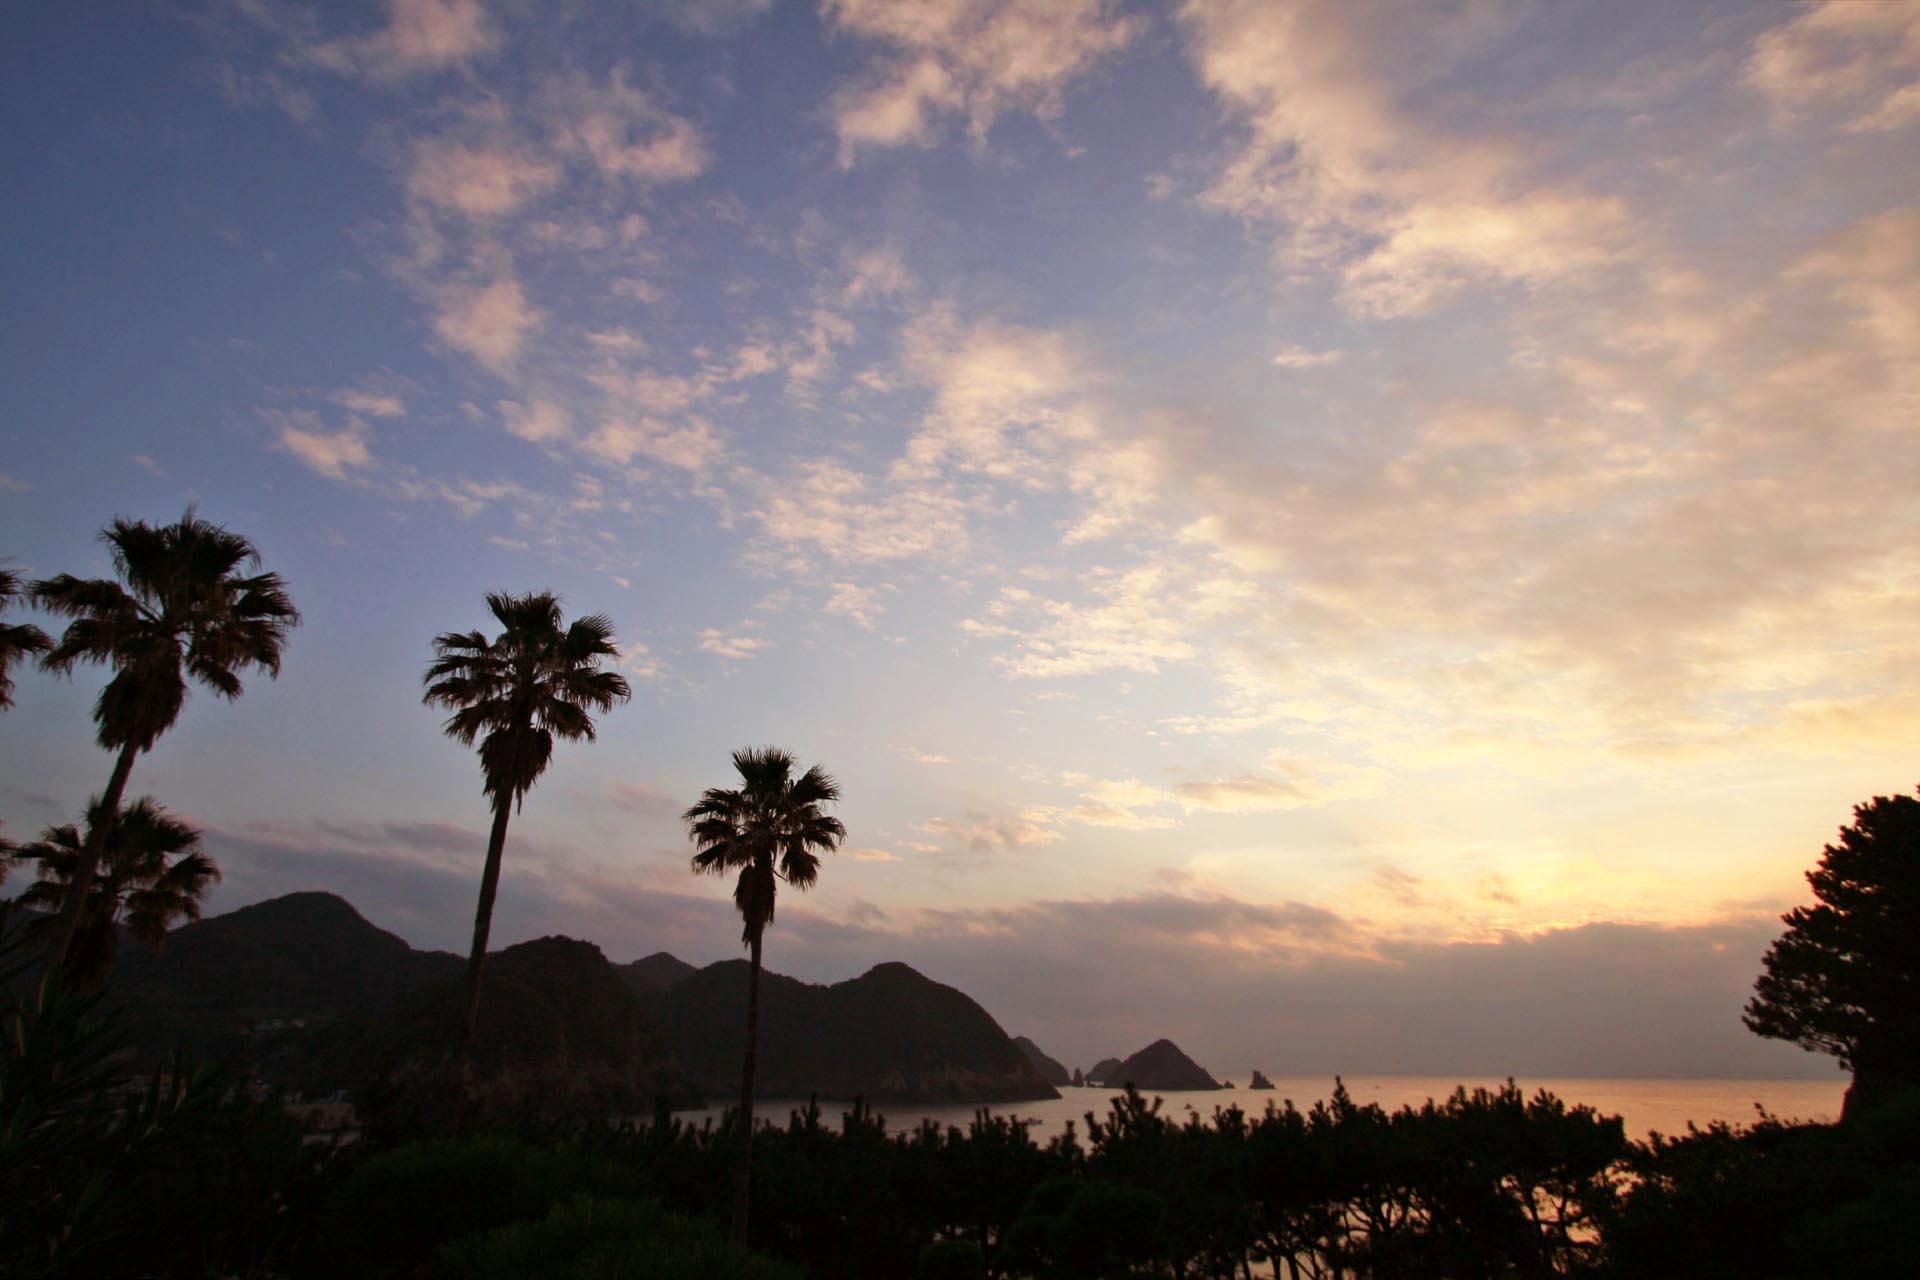 夕暮れの坊津の風景 鹿児島の風景